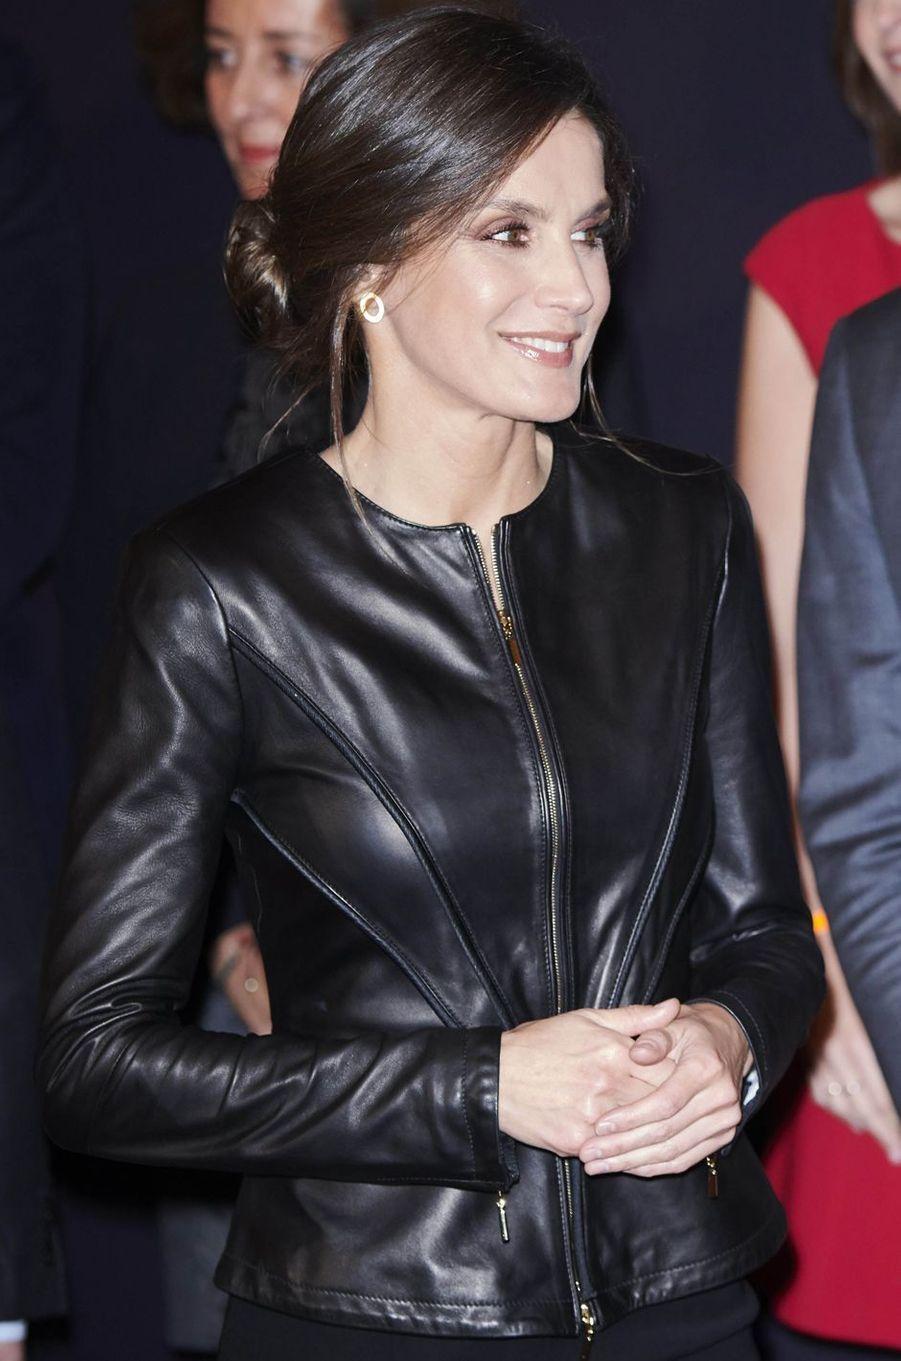 La veste de cuir Emporio Armani de la reine Letizia d'Espagne à Valladolid, le 26 octobre 2018